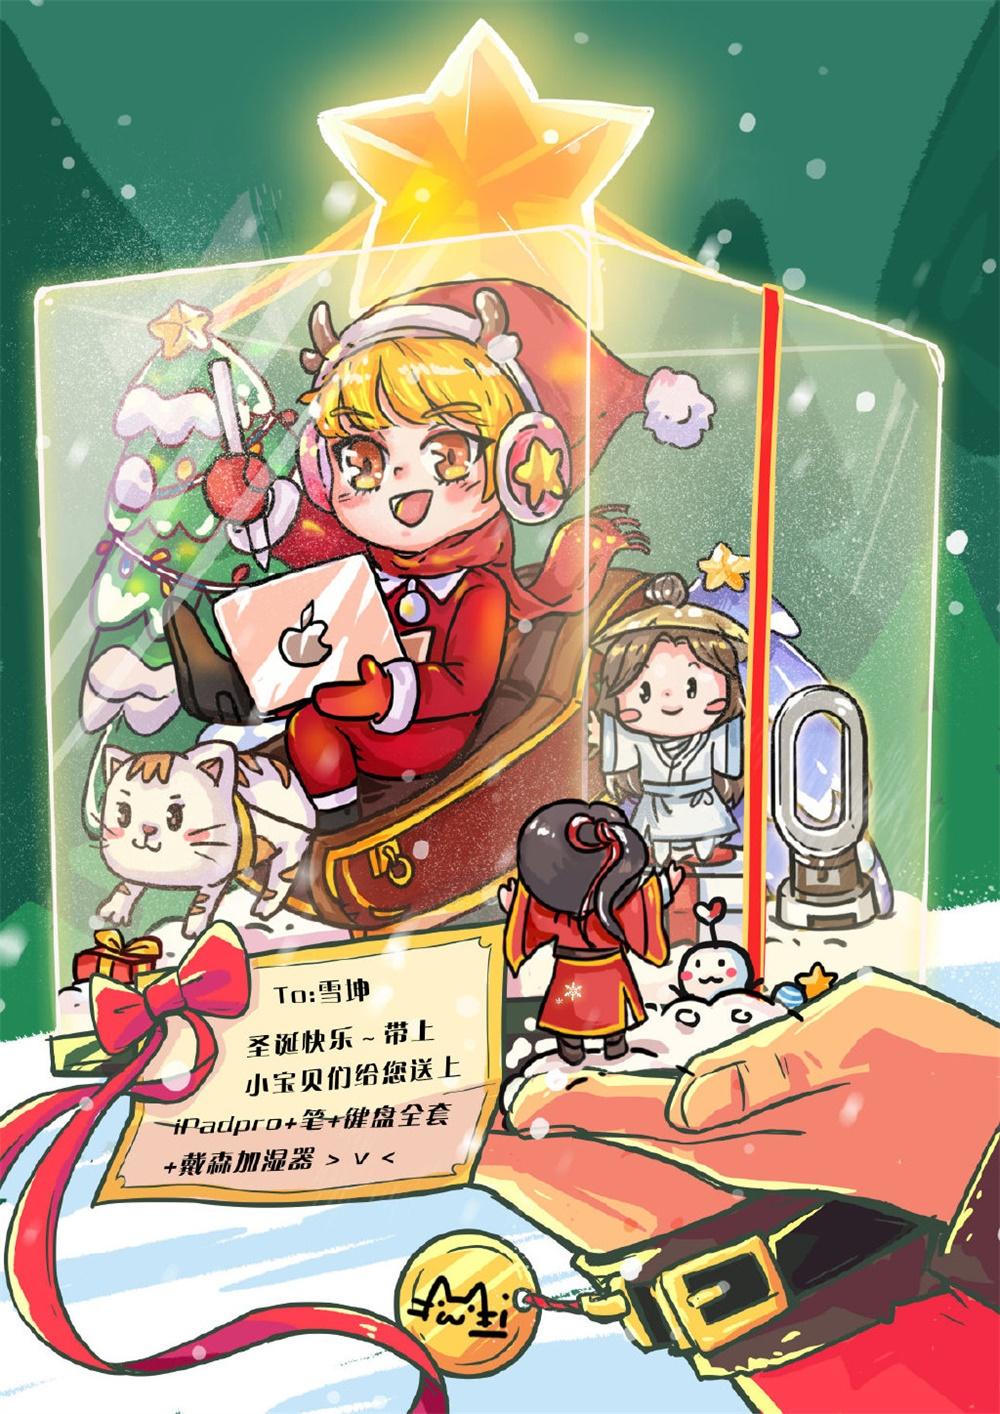 圣诞来袭!9张圣诞礼盒插画设计